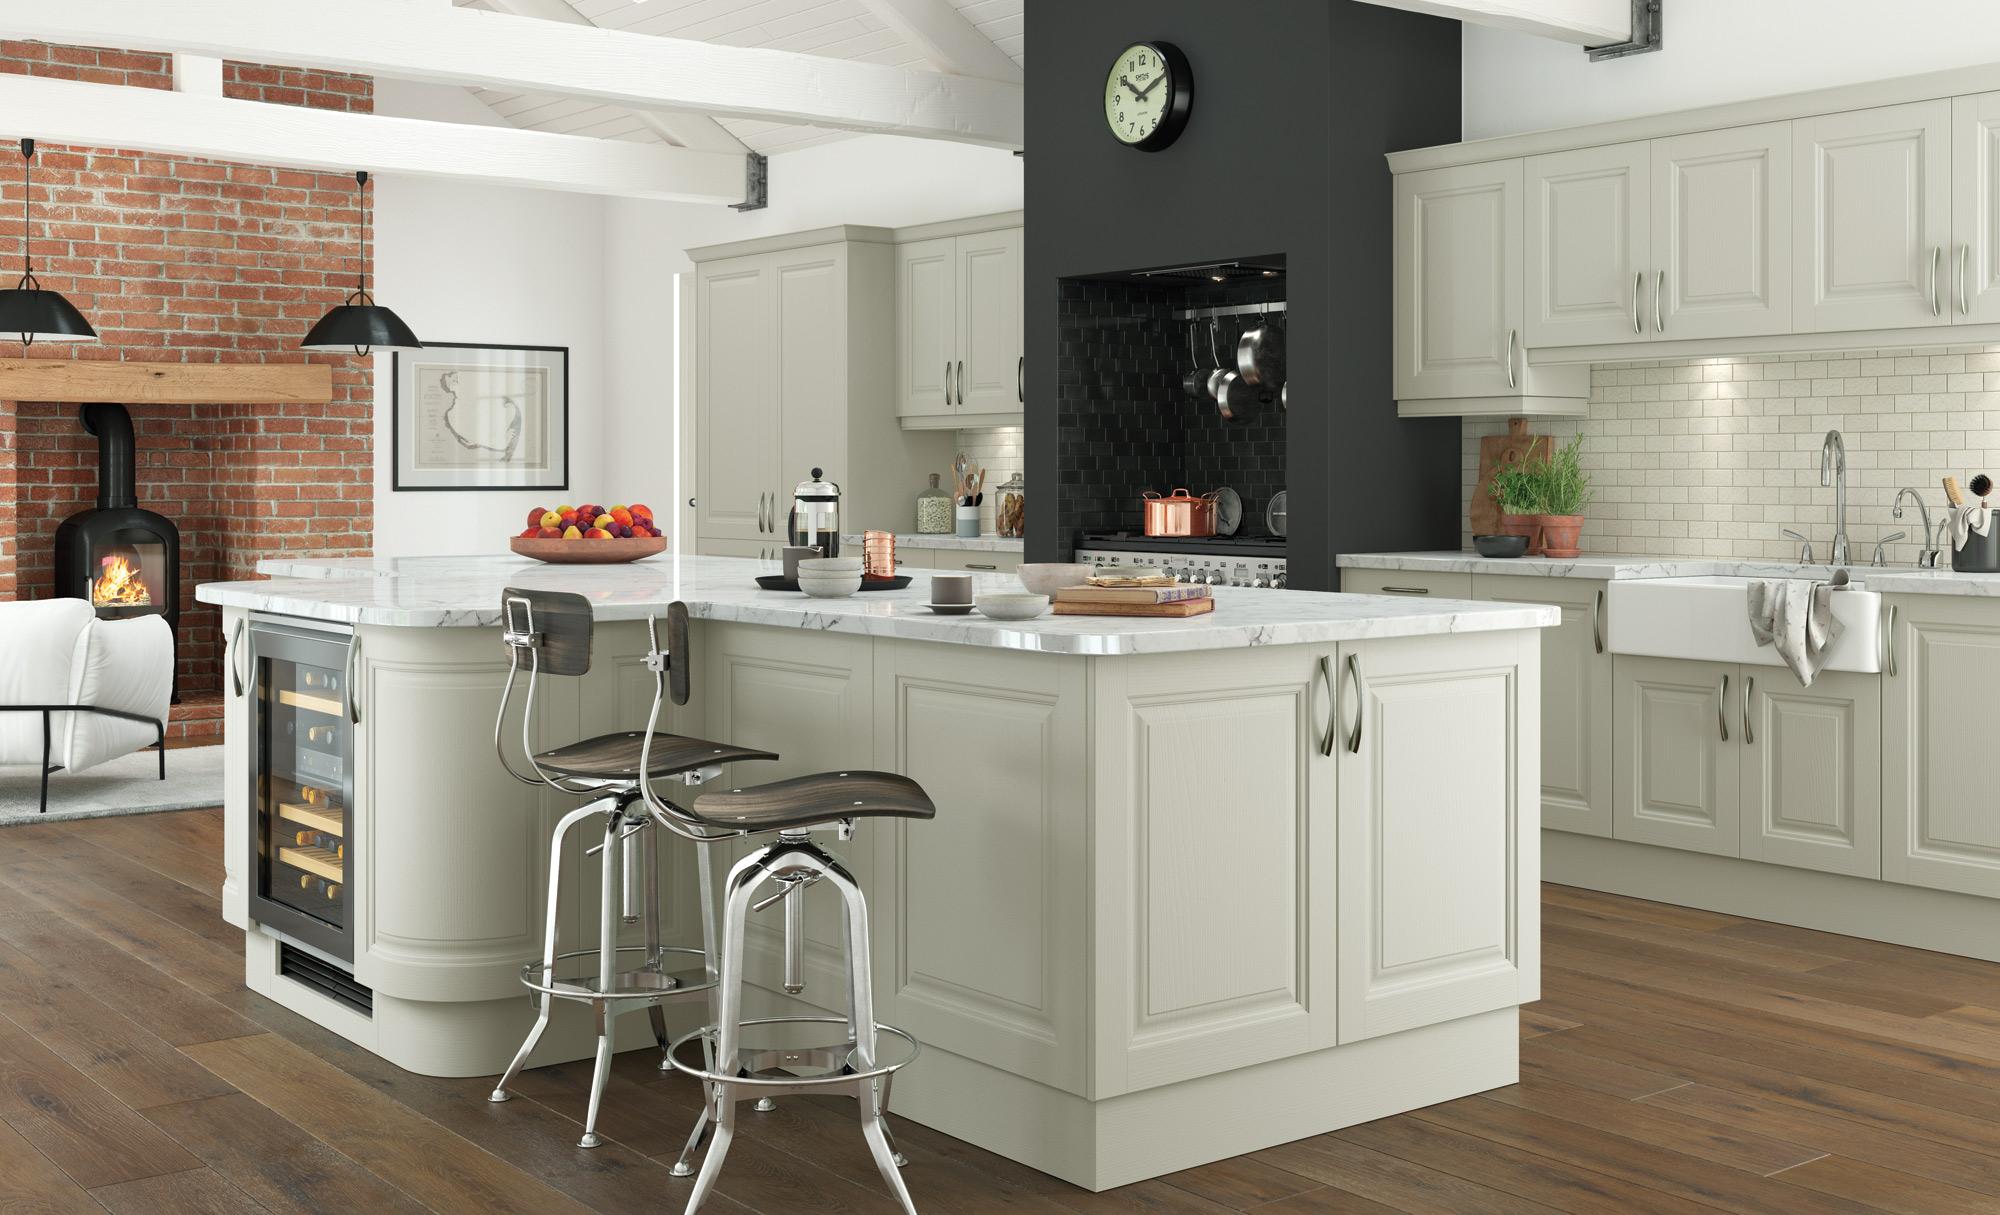 design your kitchen design your kitchen Design a classic kitchen